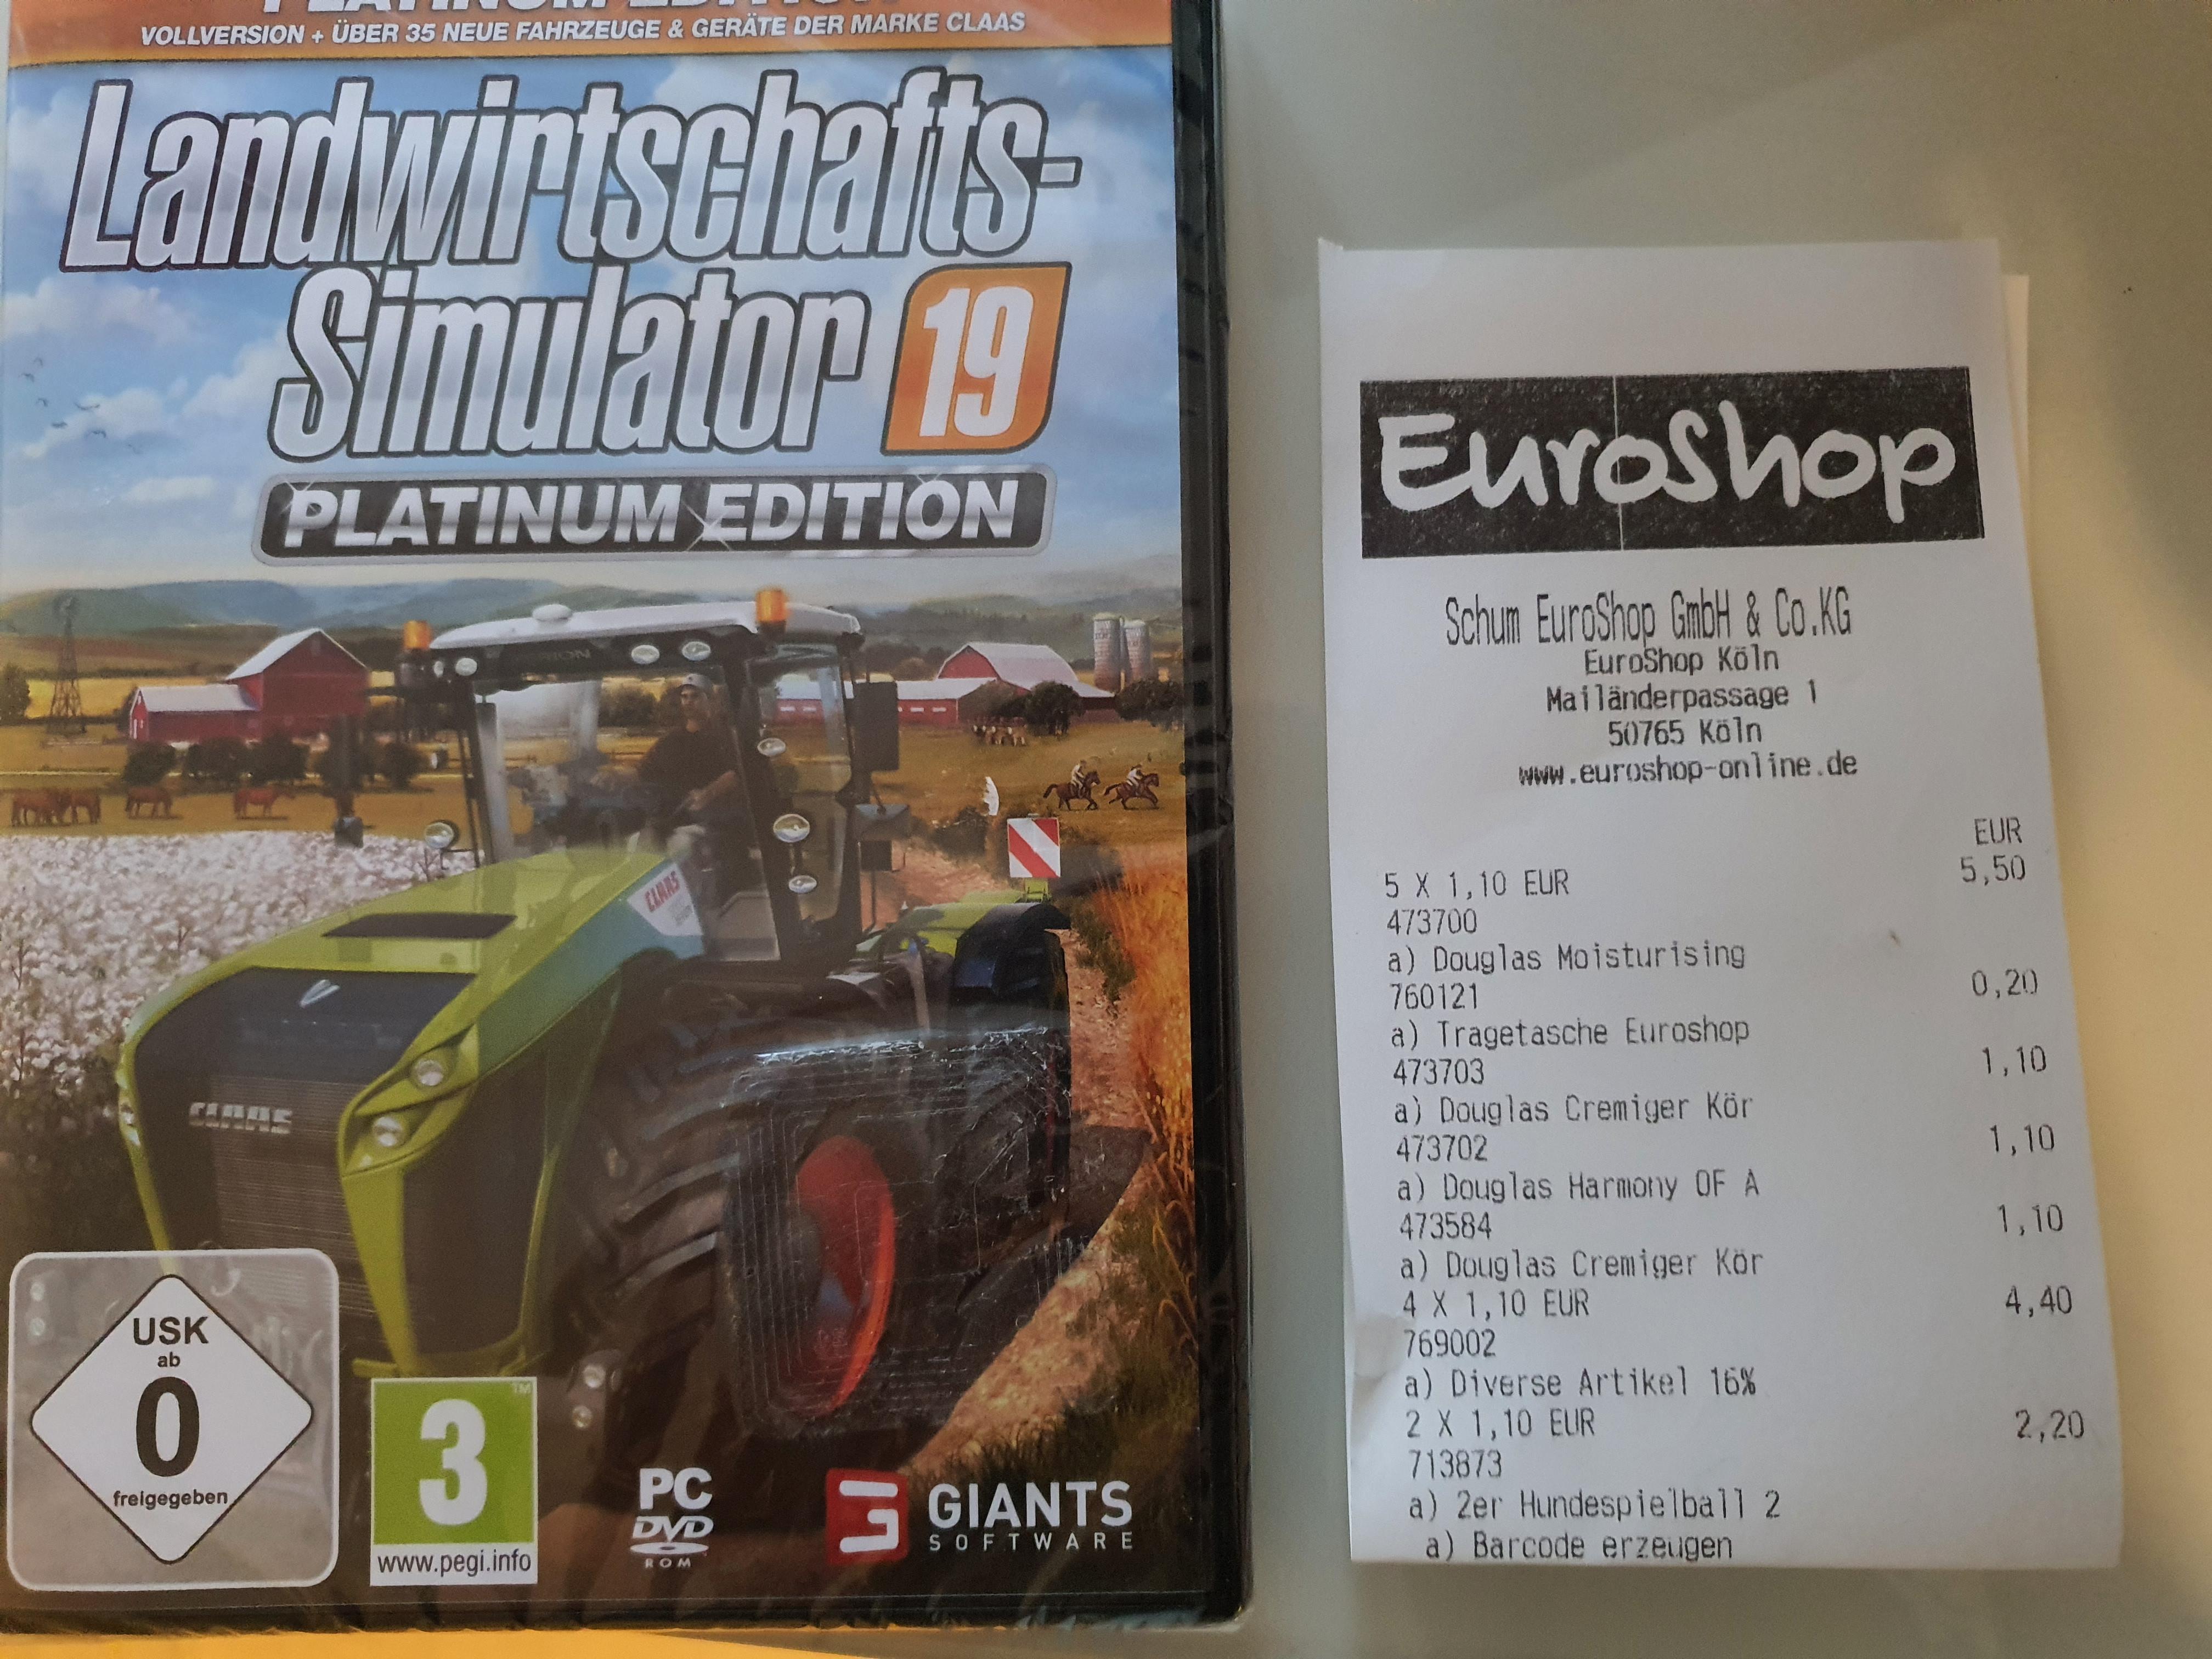 (LOKAL) Köln Chorweiler - Euroshop - Landwirtschafts-Simulator 19 Platinum Edition